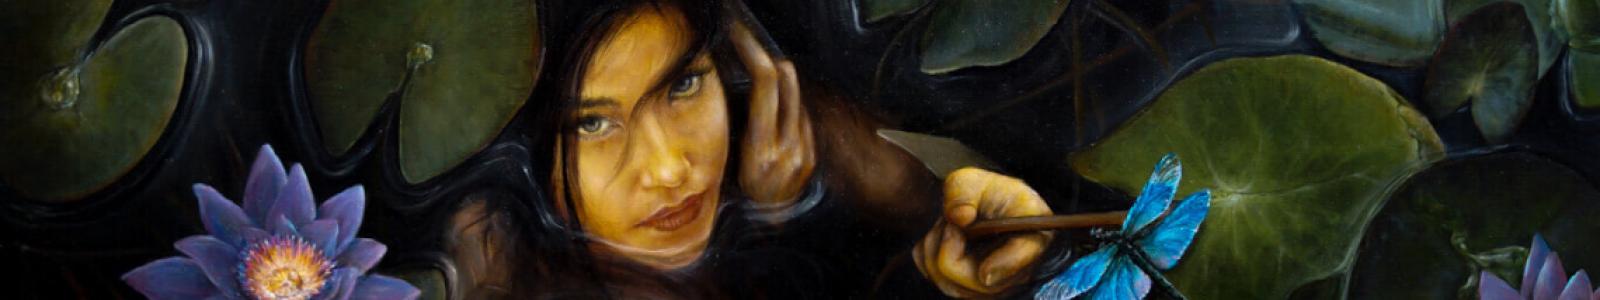 Gallery Painter Sergey Kolesnikov (KS)